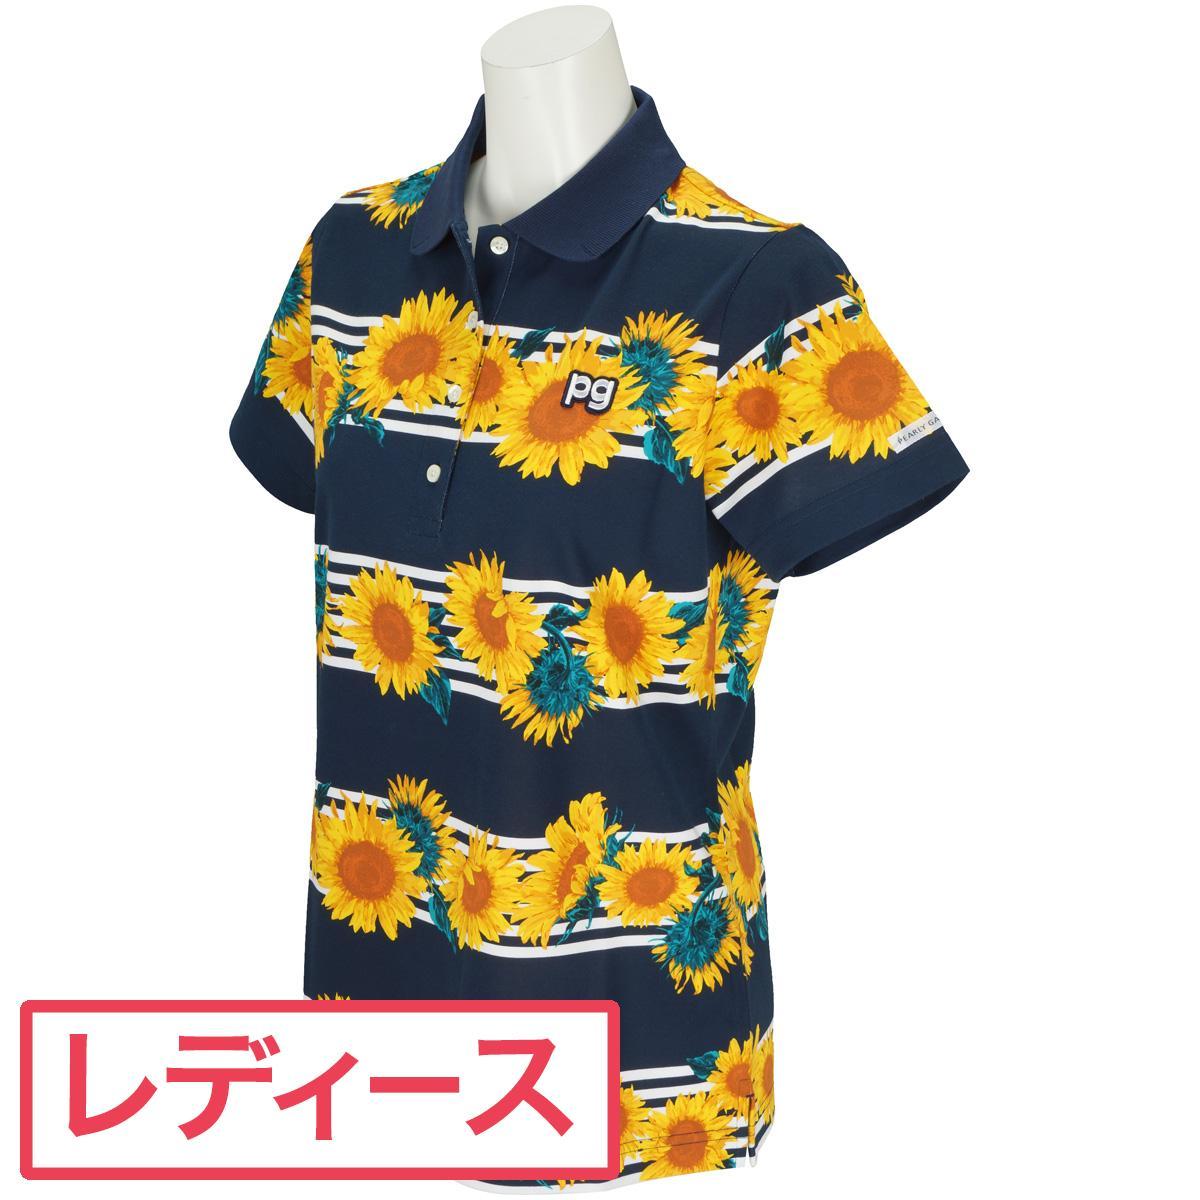 パーリーゲイツ PEARLY GATES スペースマスター プレーティング 半袖ポロシャツ ゴルフウェア レディース